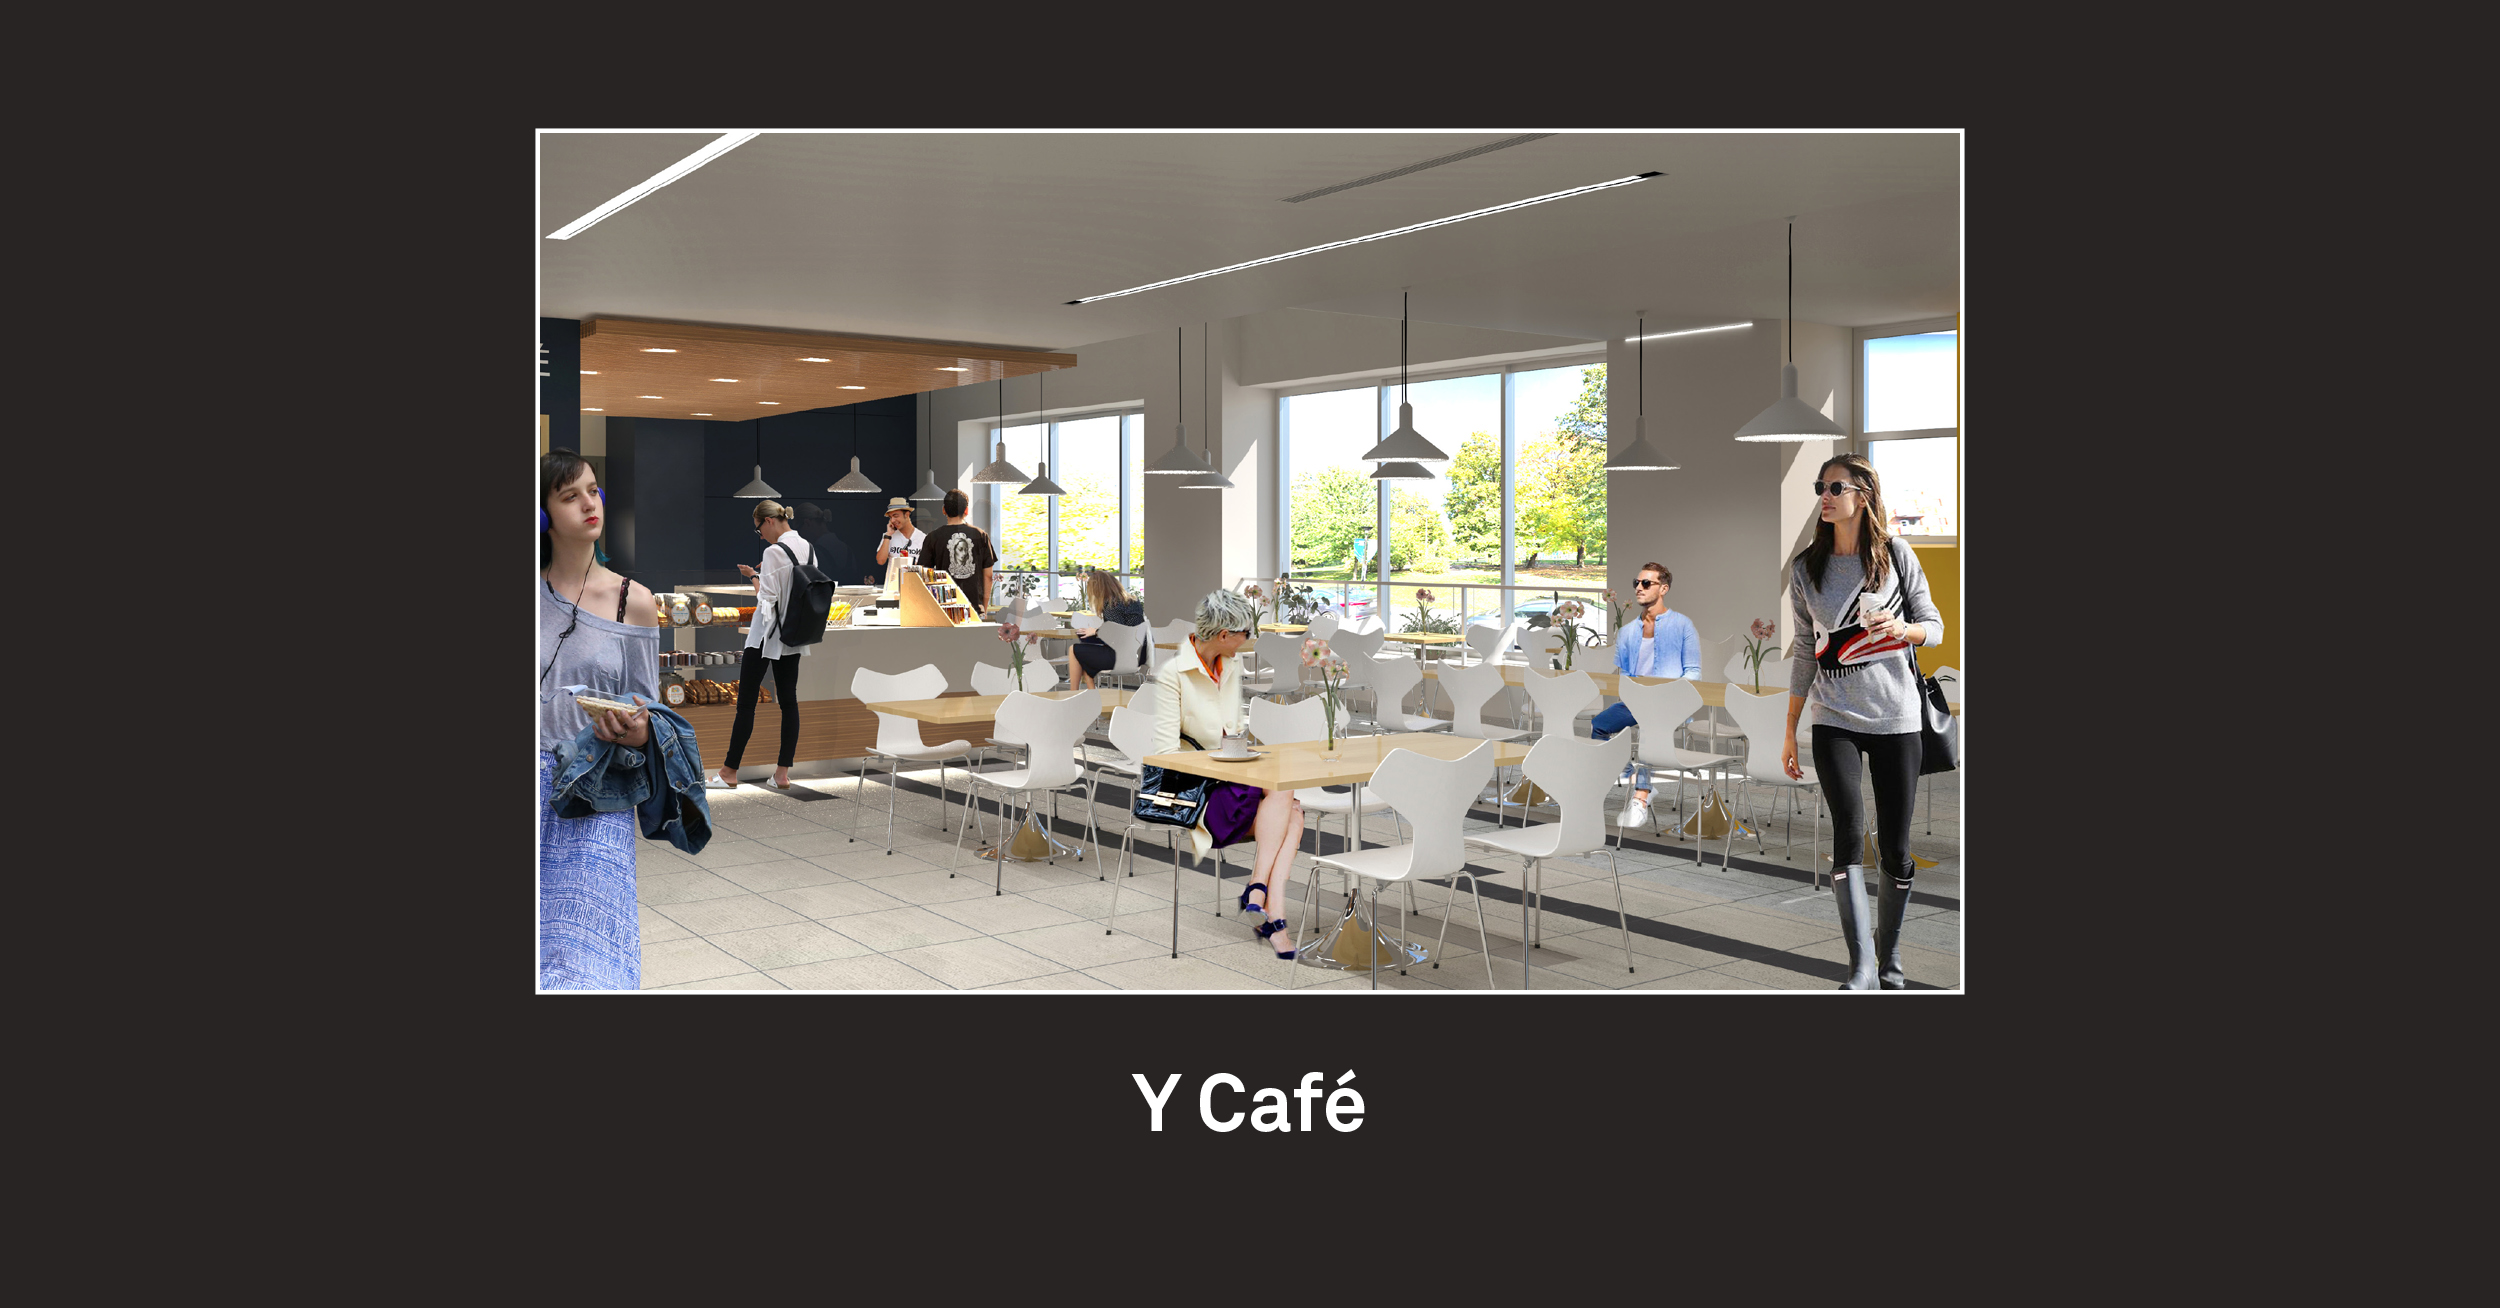 Y Café